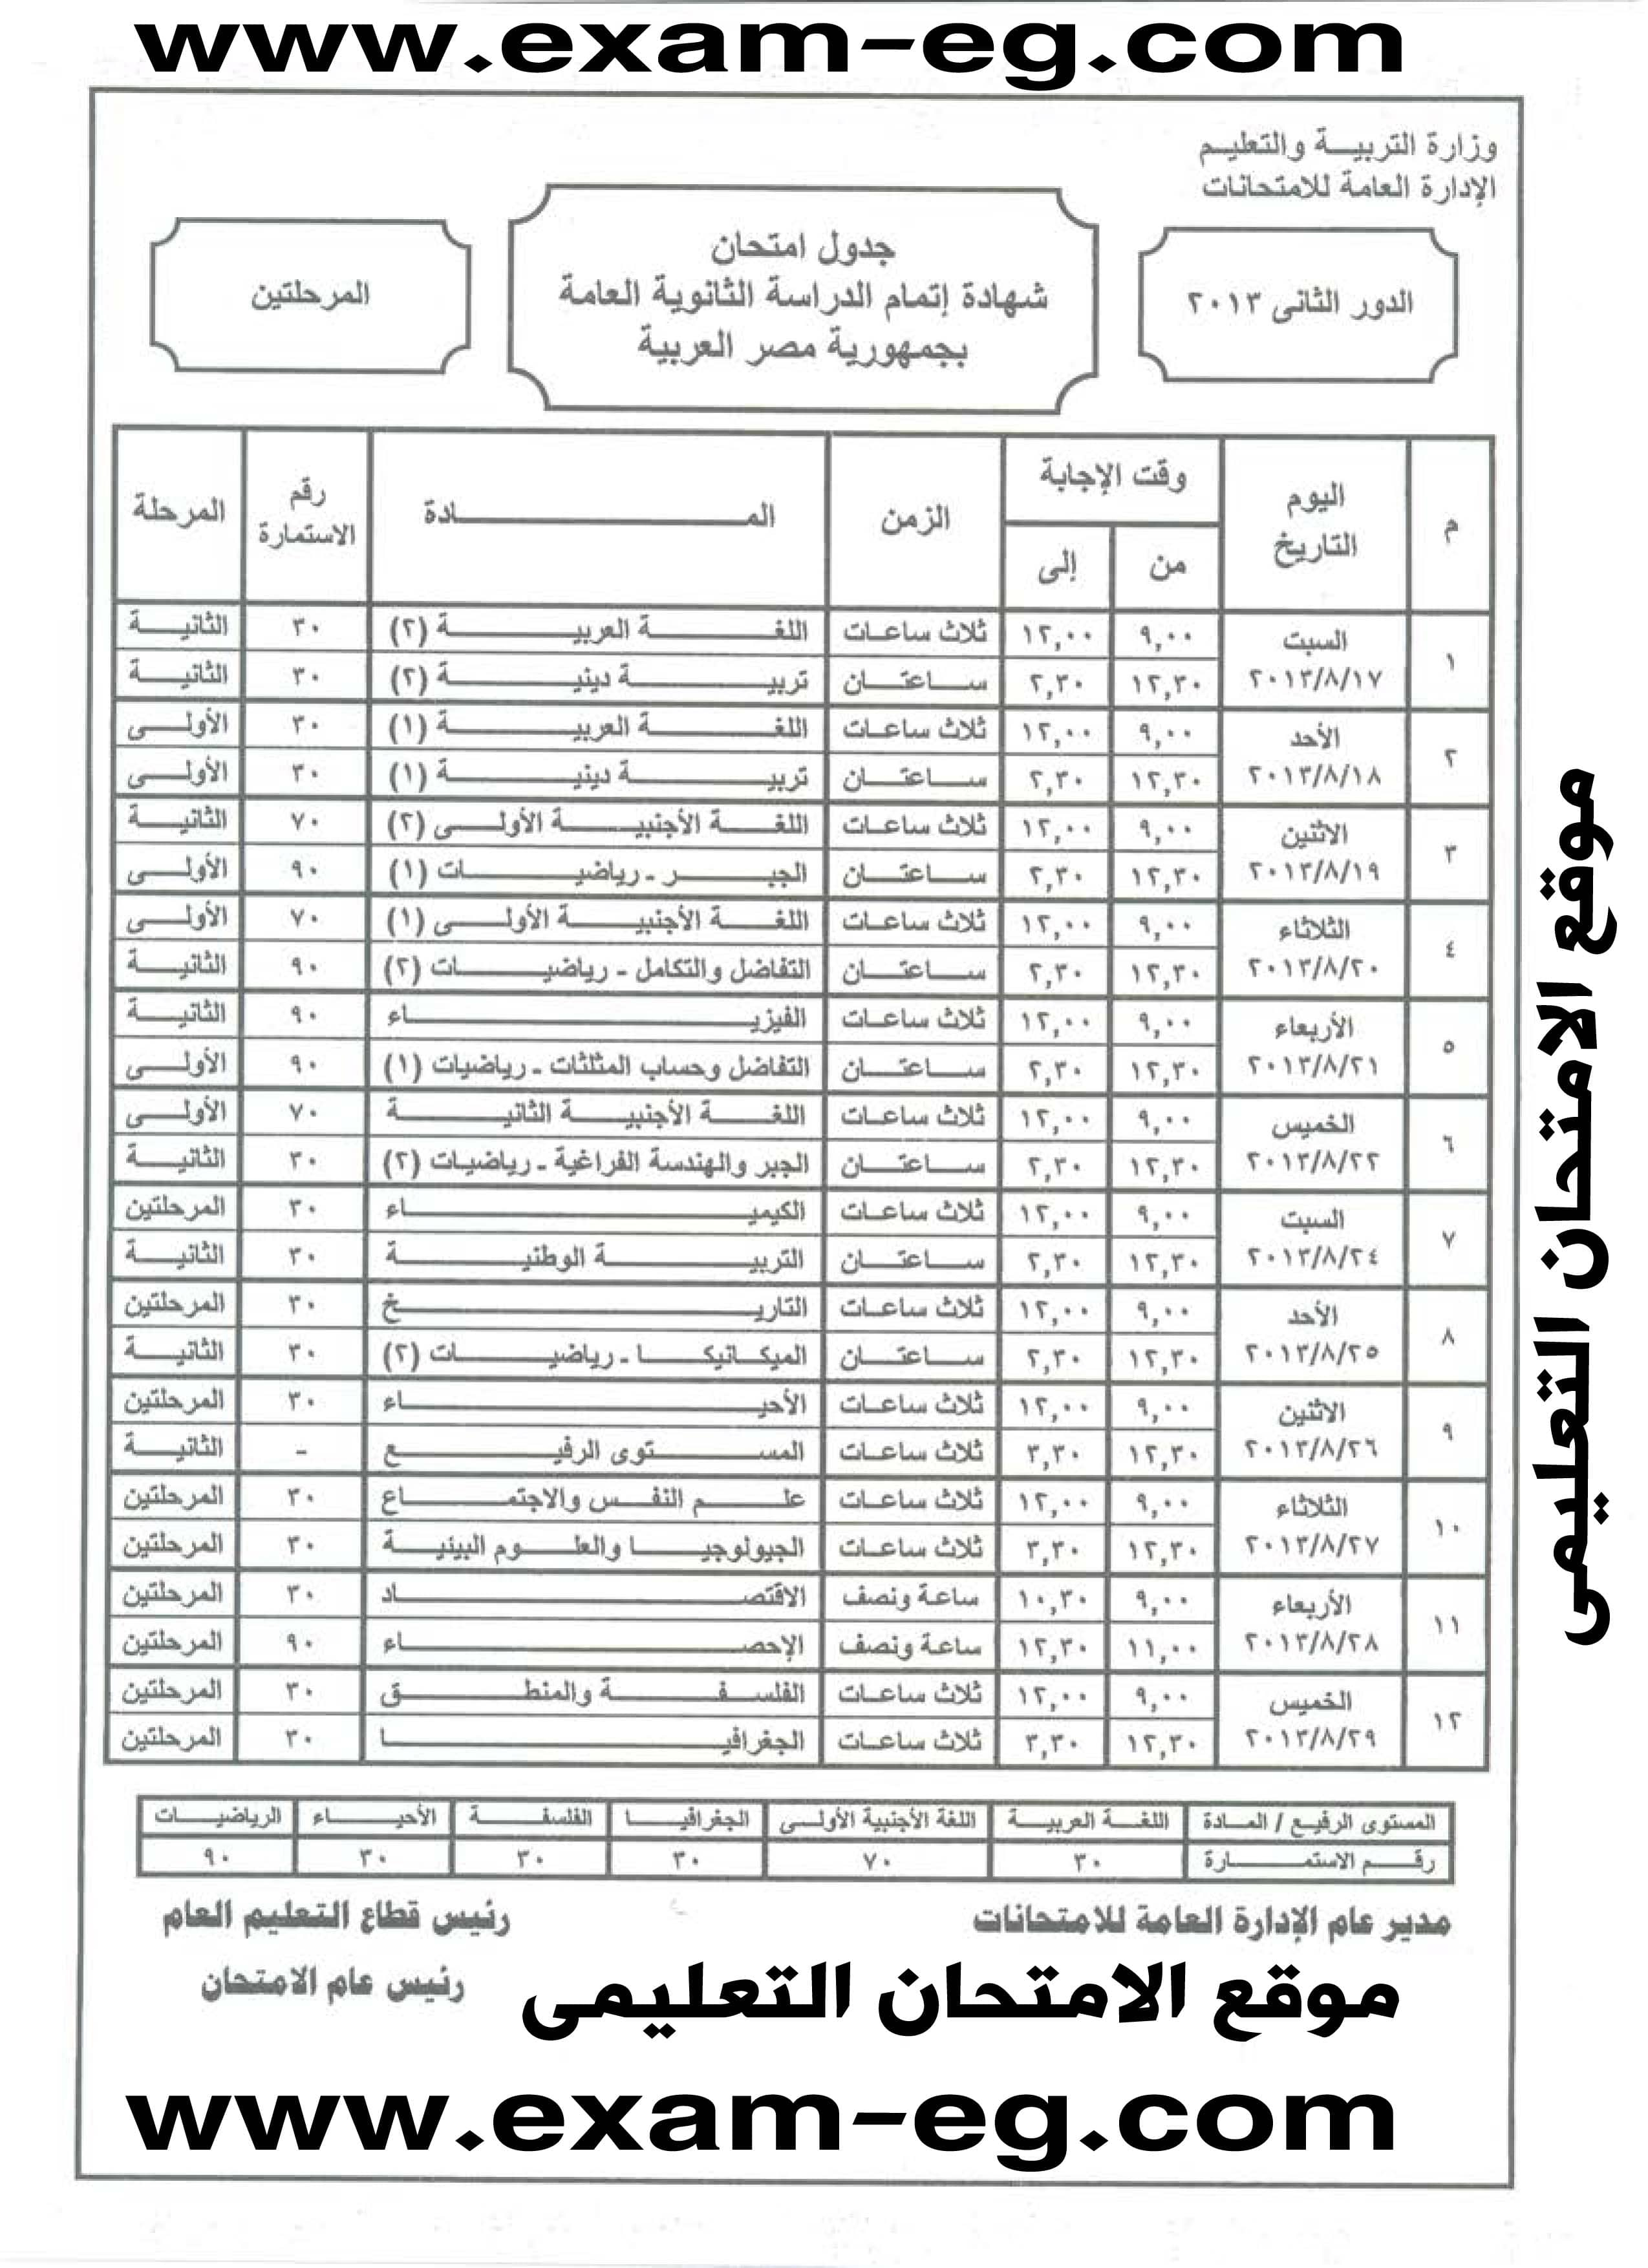 جدول امتحانات الثانوية العامة 2013 الدور الثانى exam-eg.com_13753175